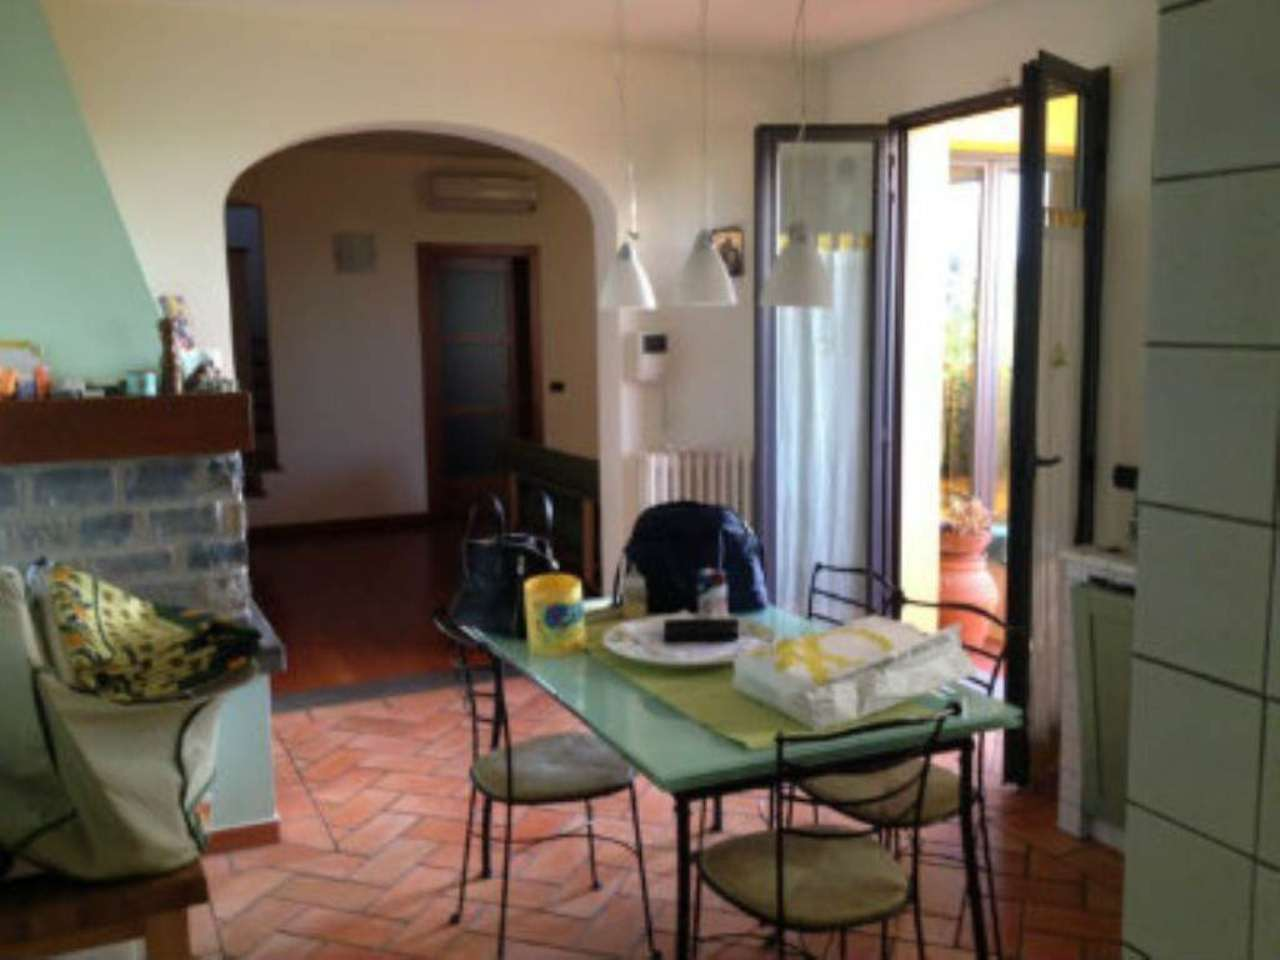 Palazzo / Stabile in vendita a Prato, 5 locali, prezzo € 430.000   Cambio Casa.it